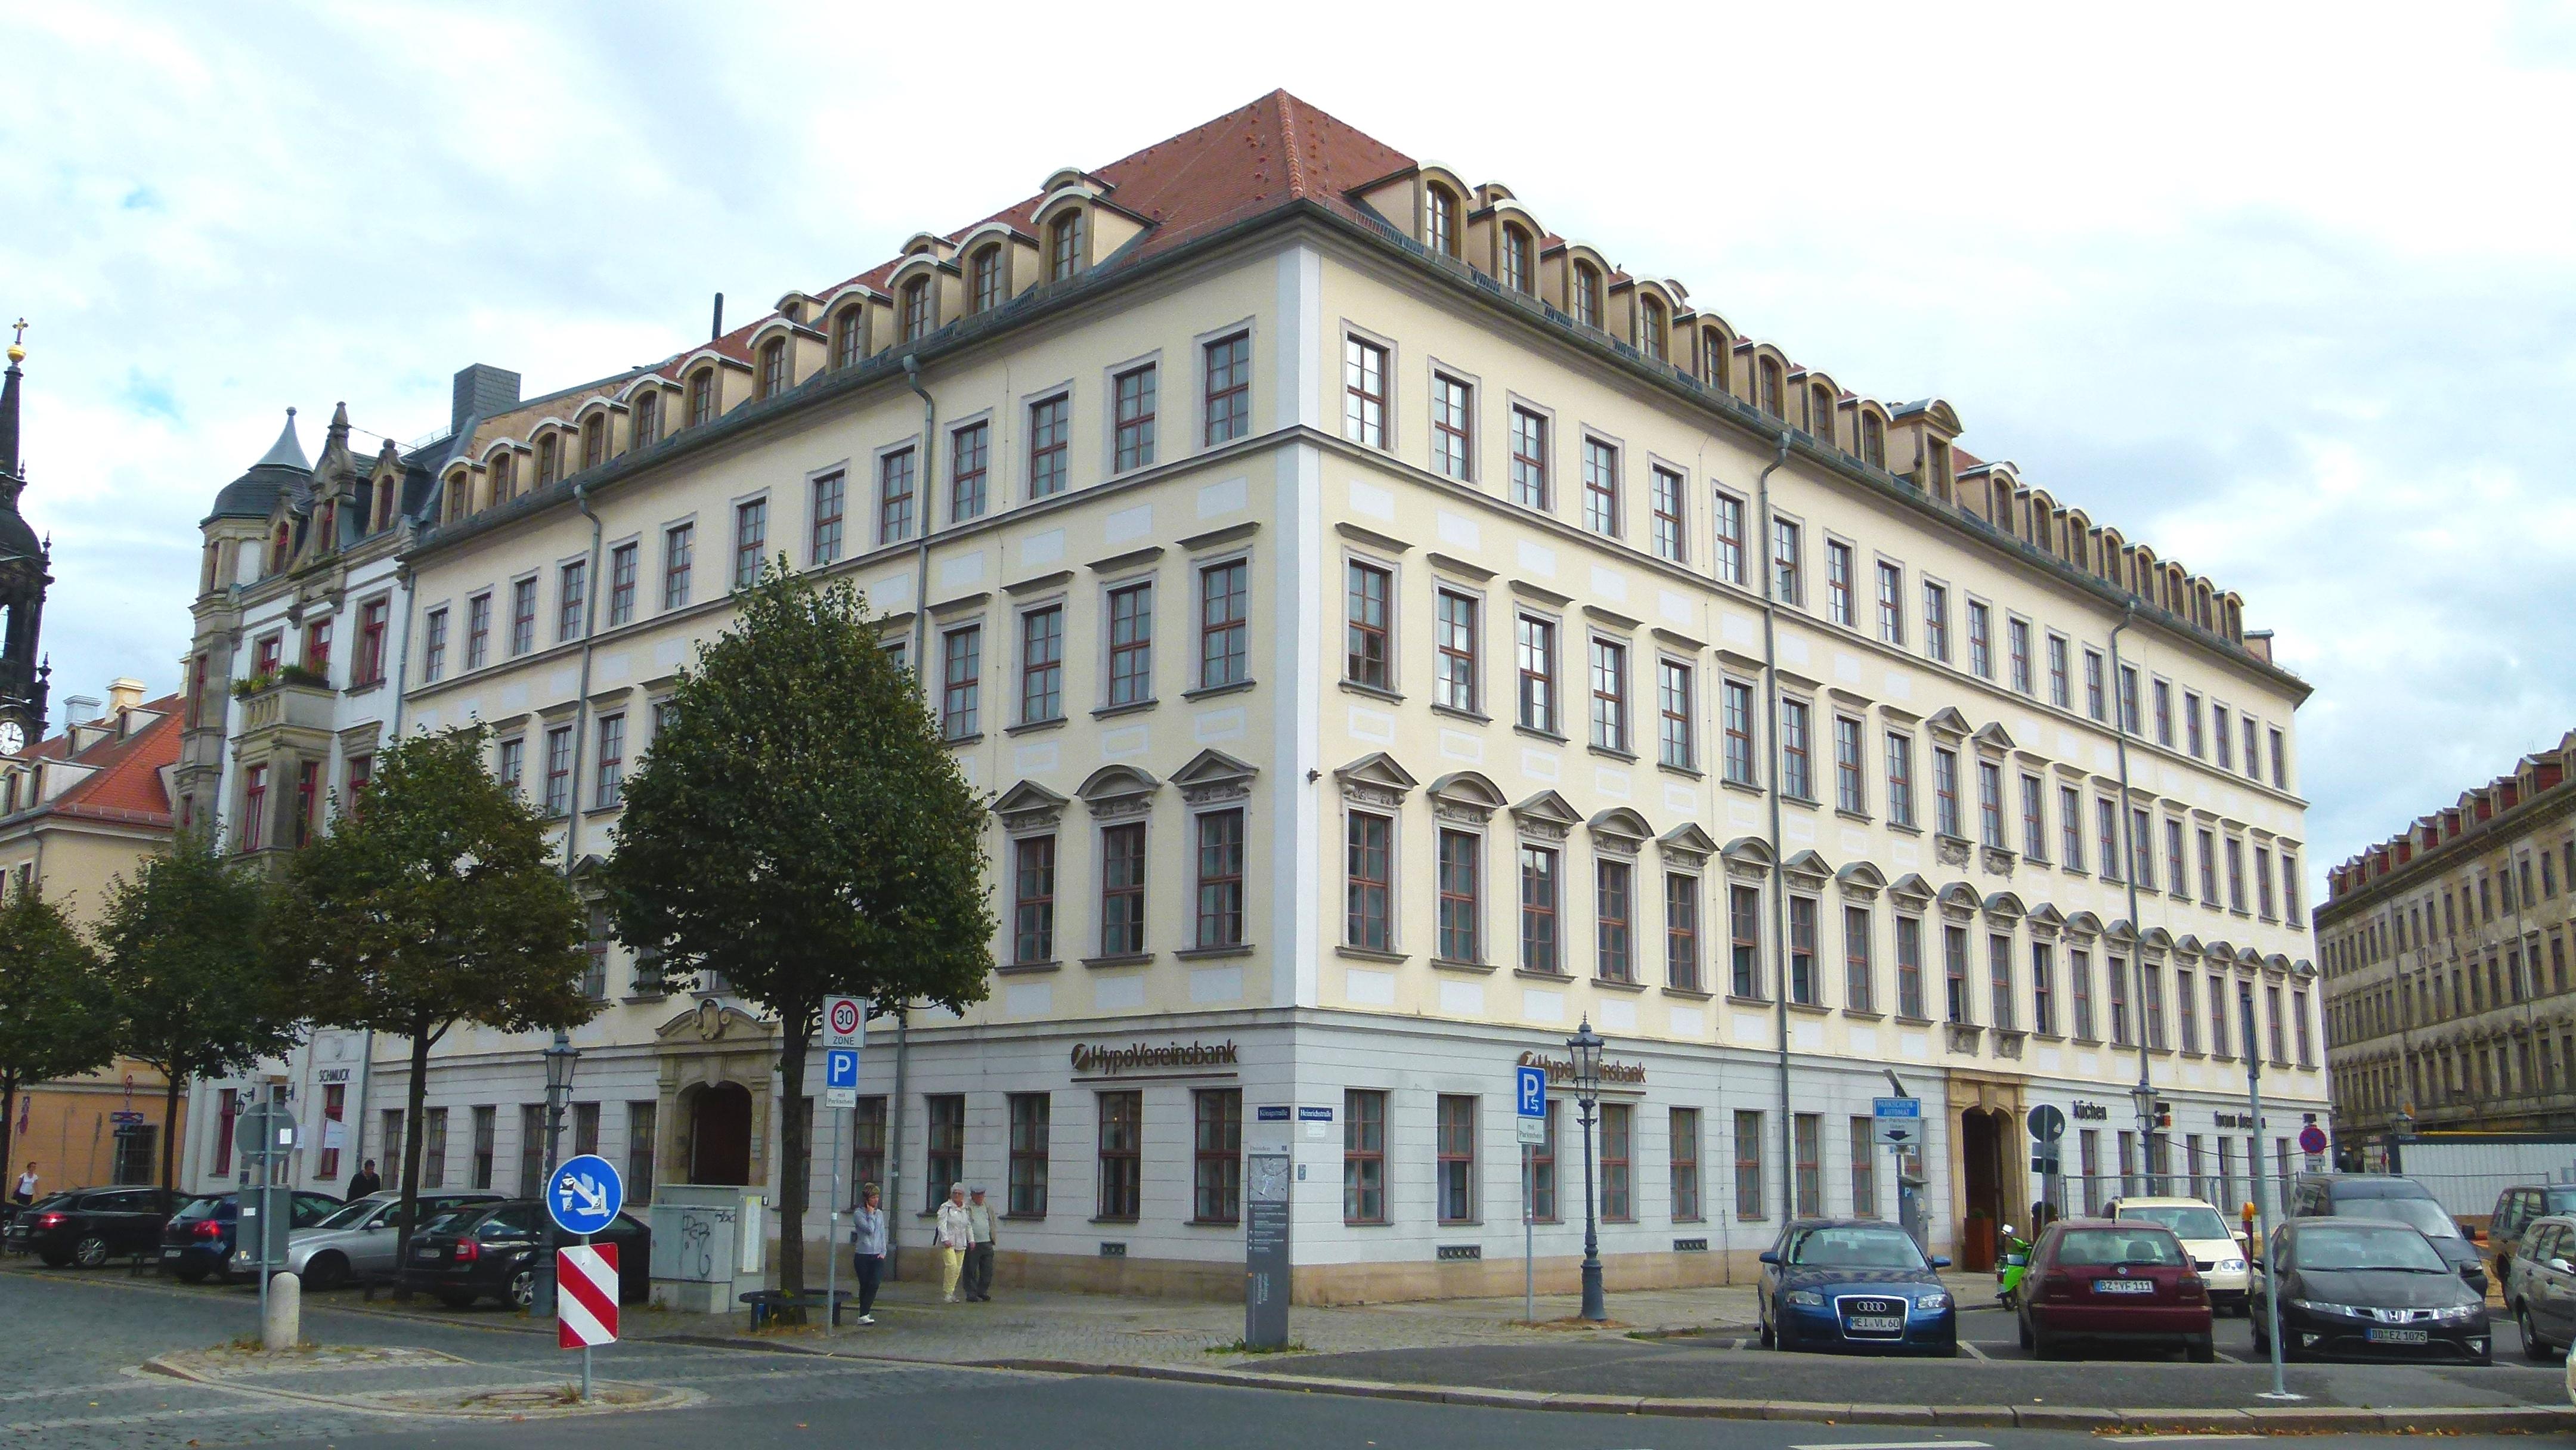 Königstraße 2